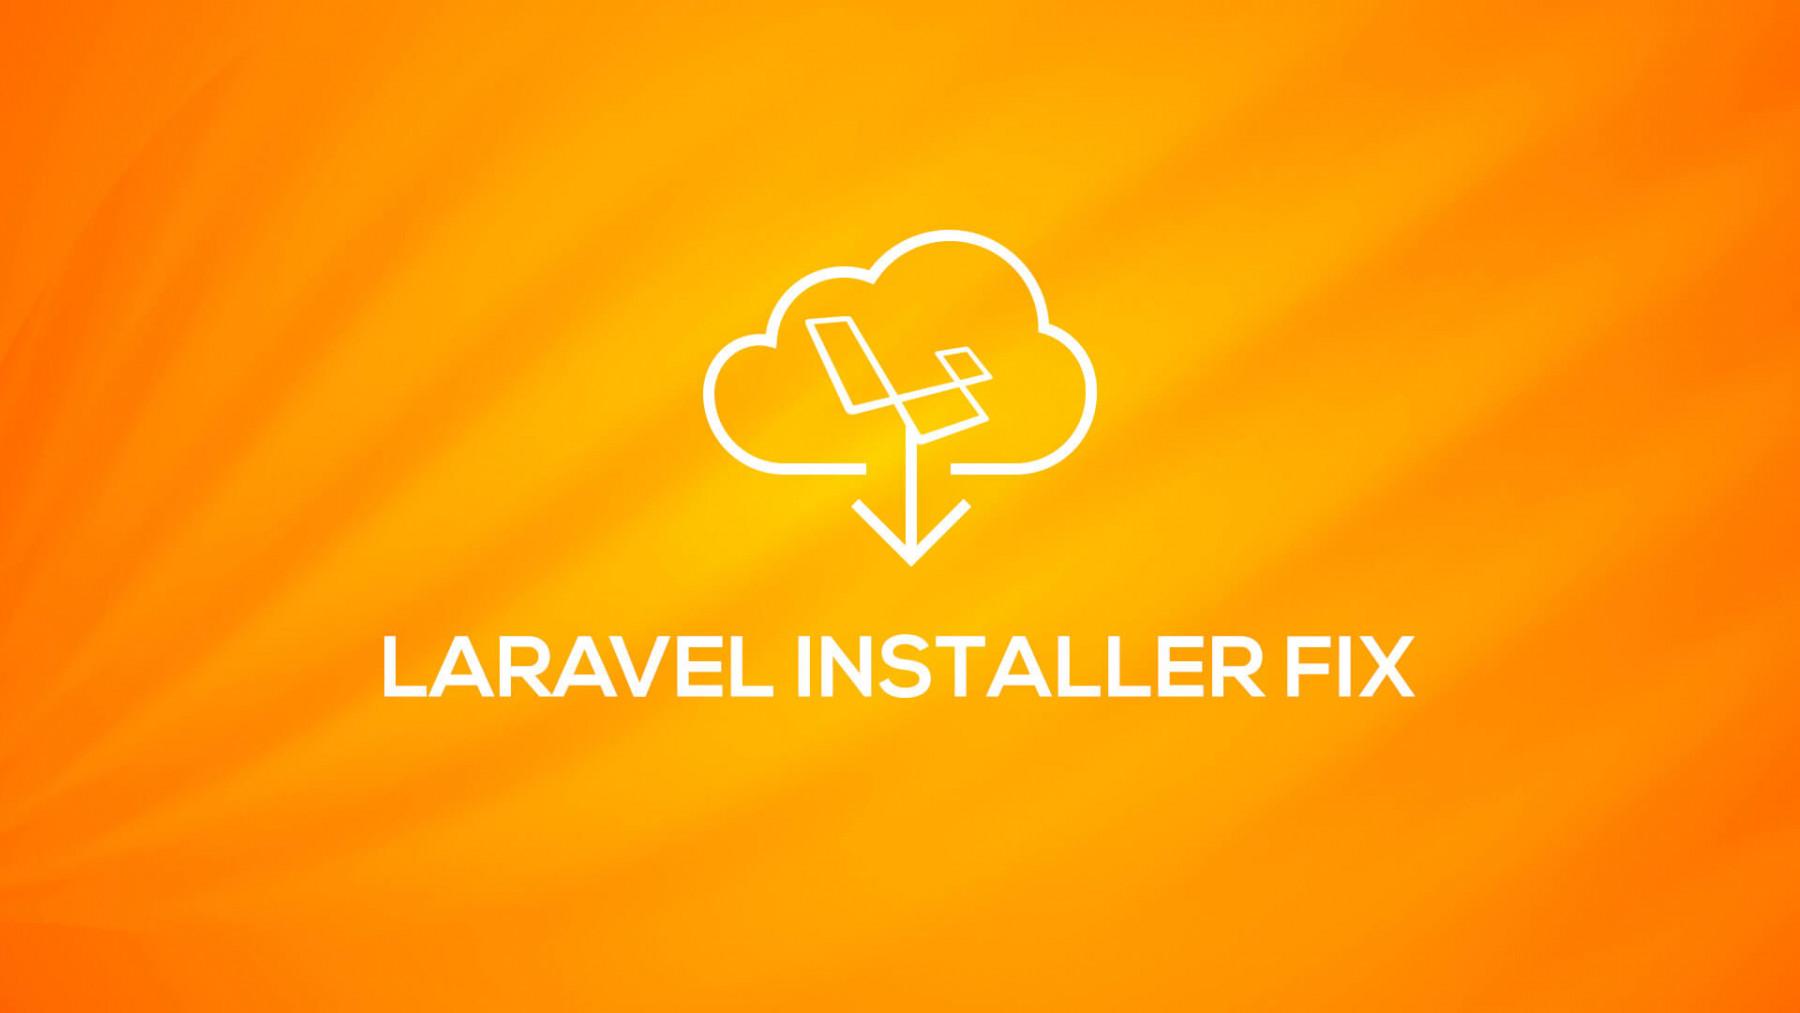 Laravel Installer Fix